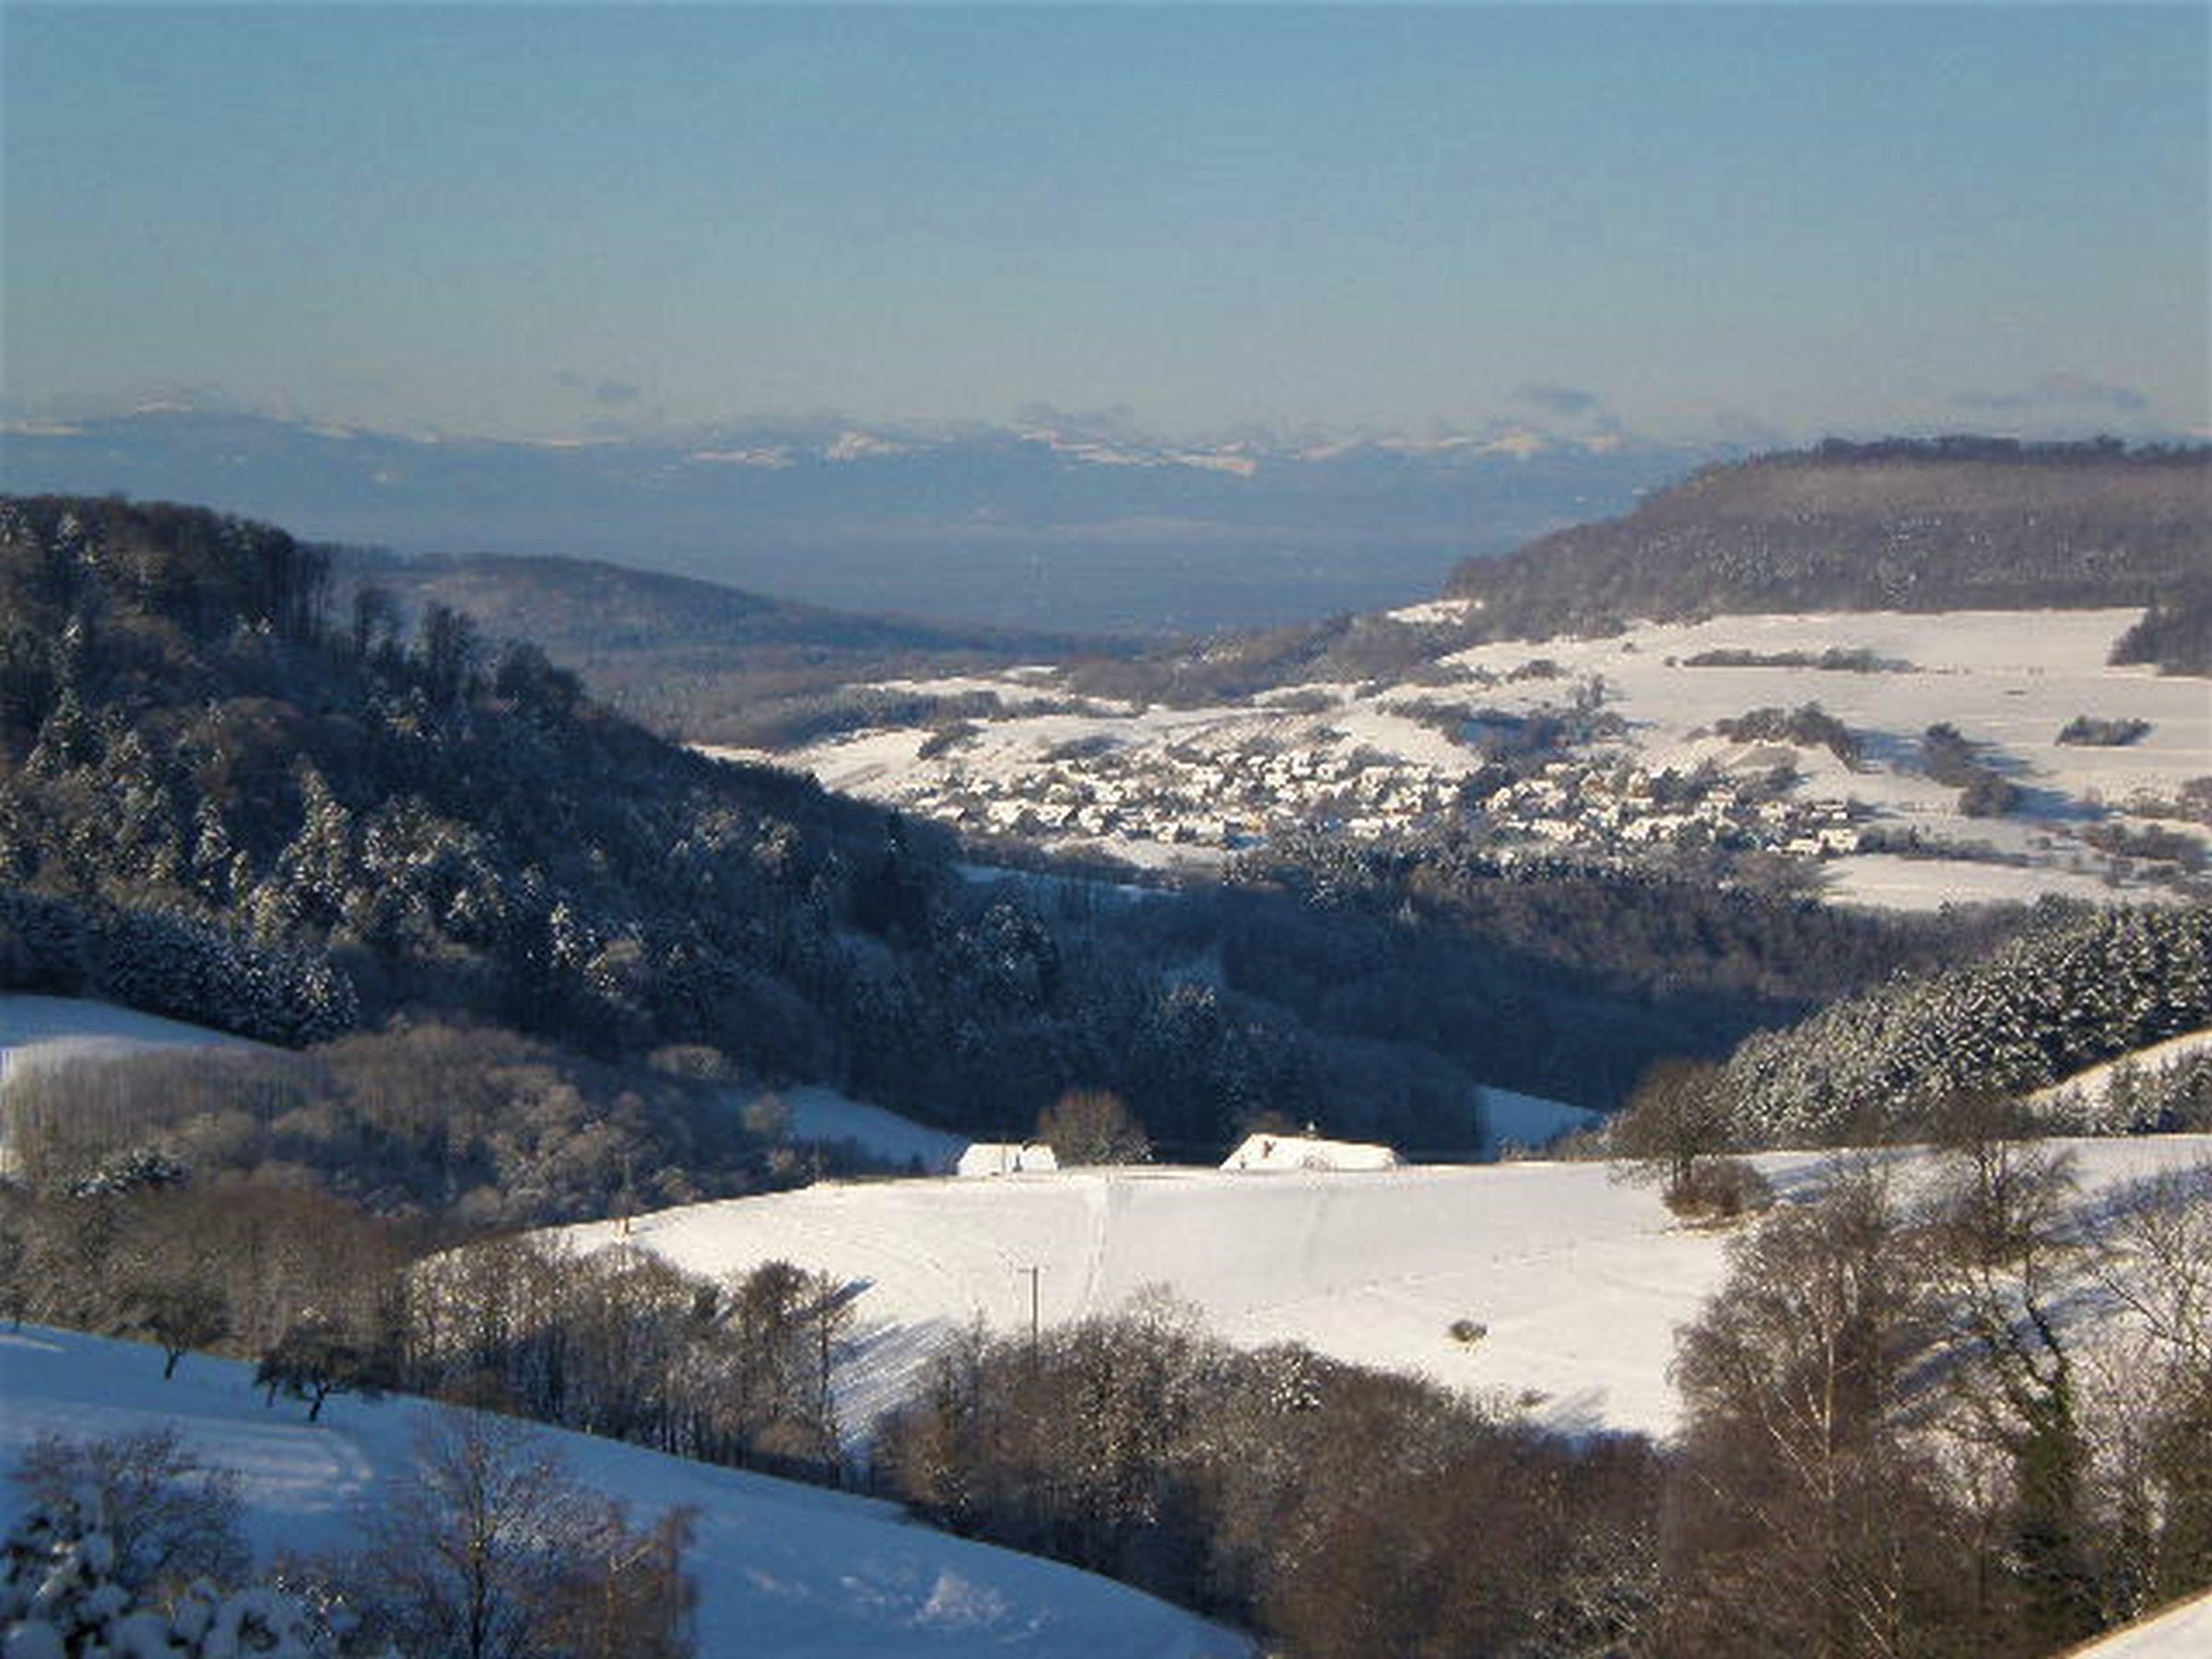 Ferienwohnung Panoramablick, (Horben). Nichtraucher-49qm, 1 Schlafraum, 1 Wohn-/Schlafraum, max. 3 Perso (605187), Horben, Schwarzwald, Baden-Württemberg, Deutschland, Bild 6